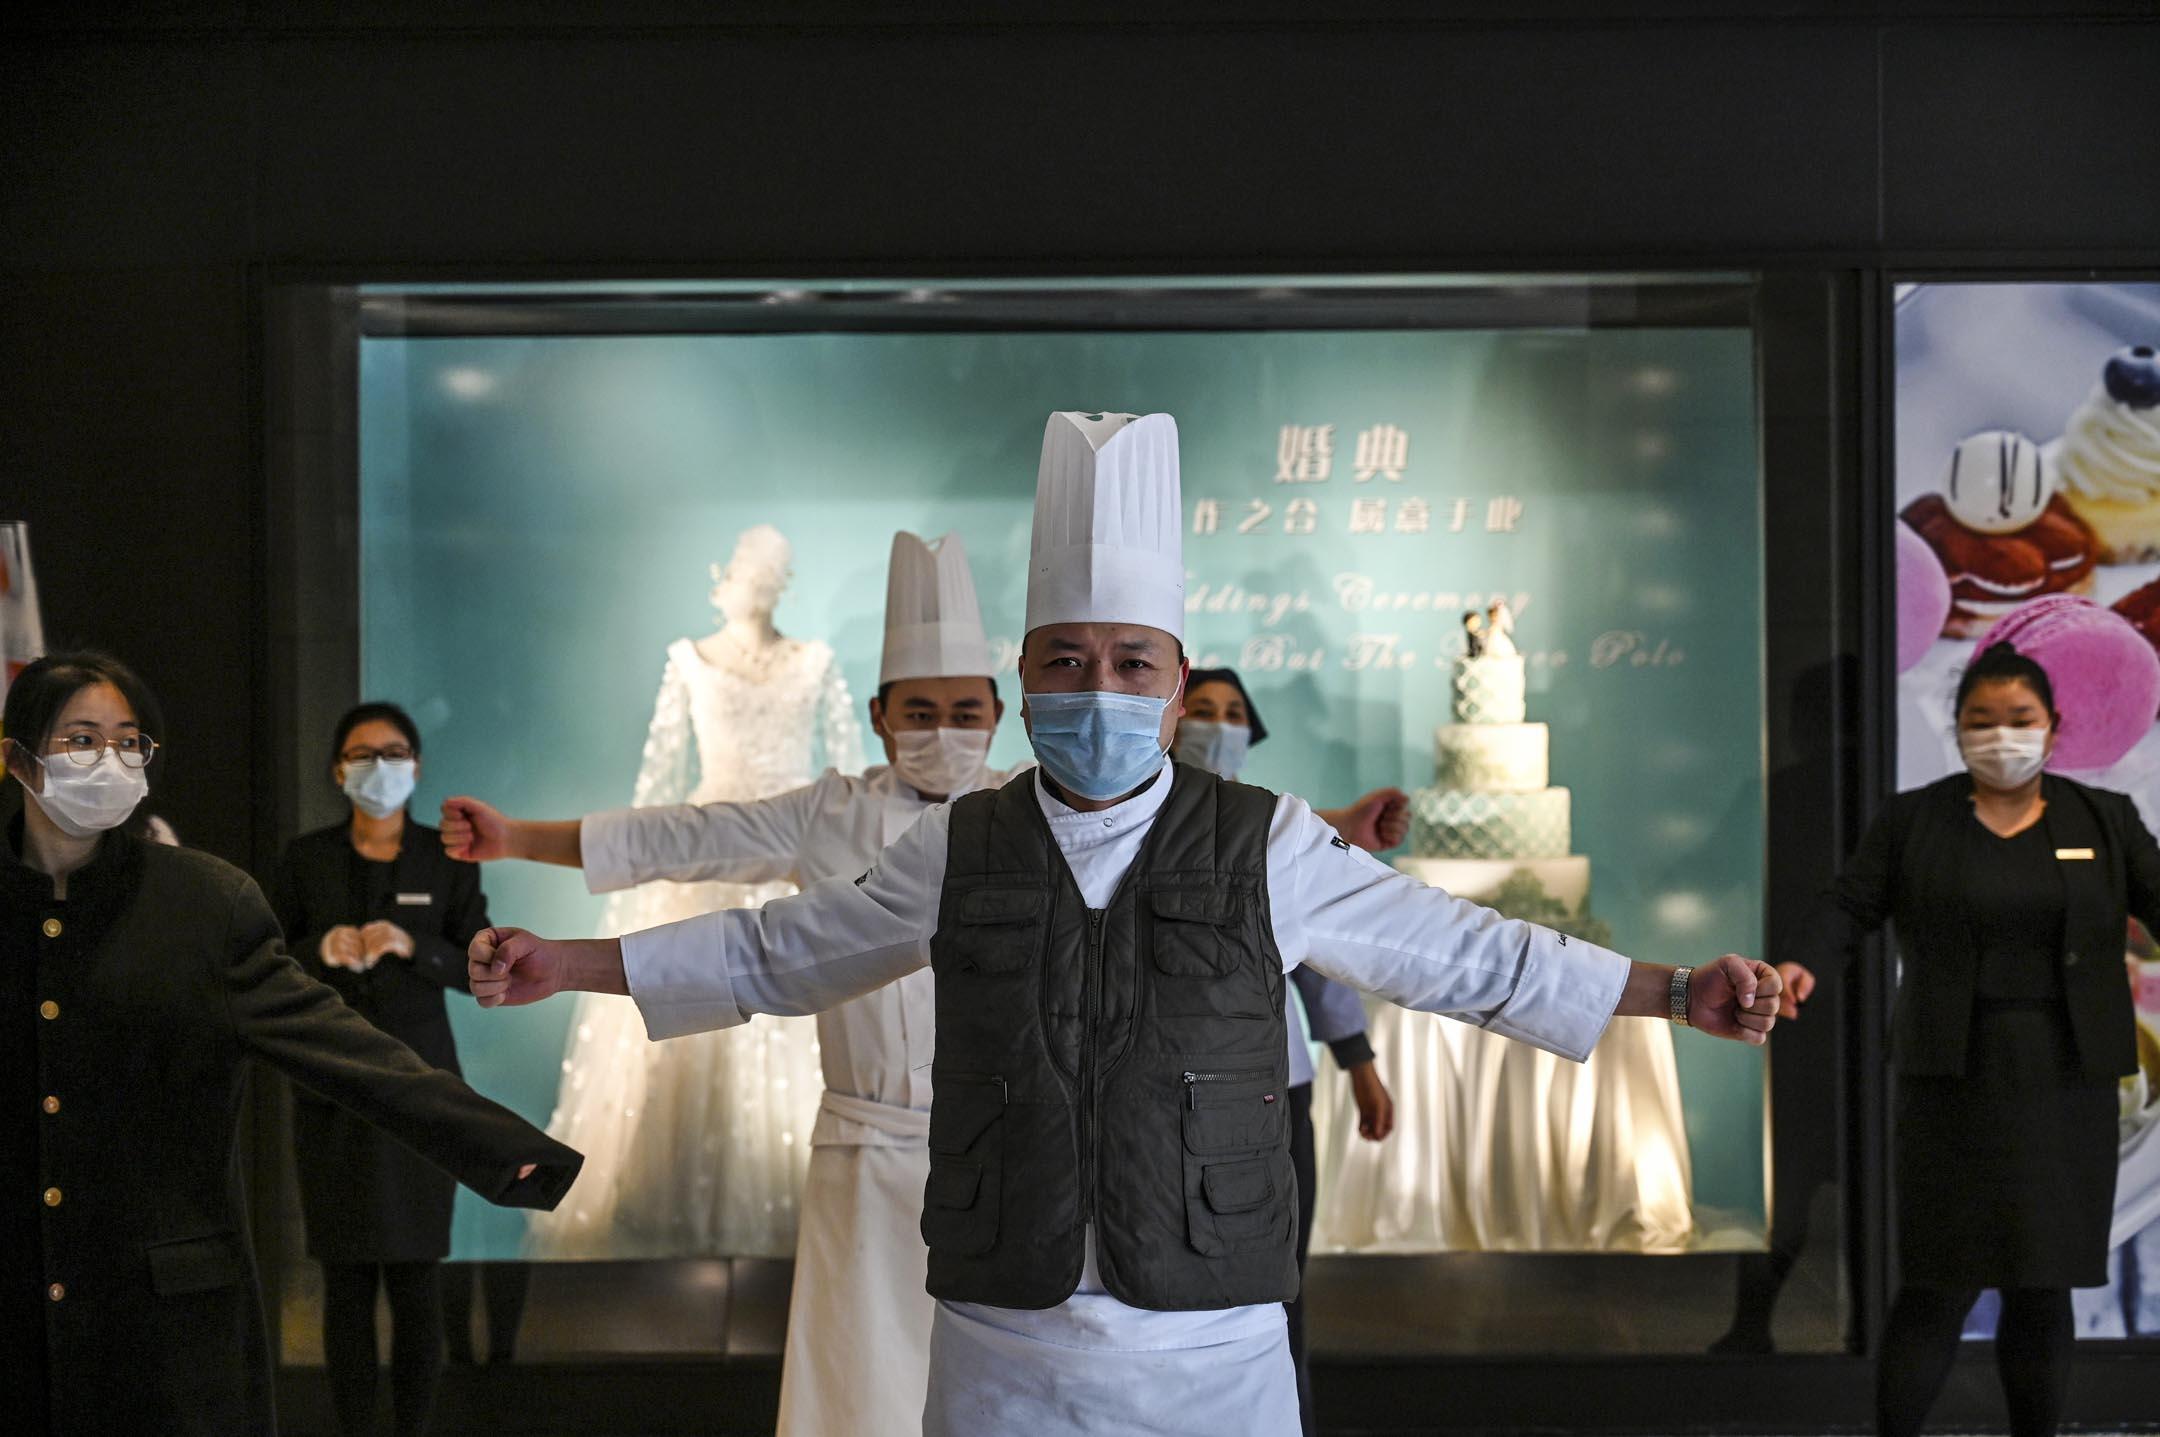 2020年1月28日,在武漢肺炎爆發期間,武漢一間酒店的工作人員在大廳裡鍛煉身體。